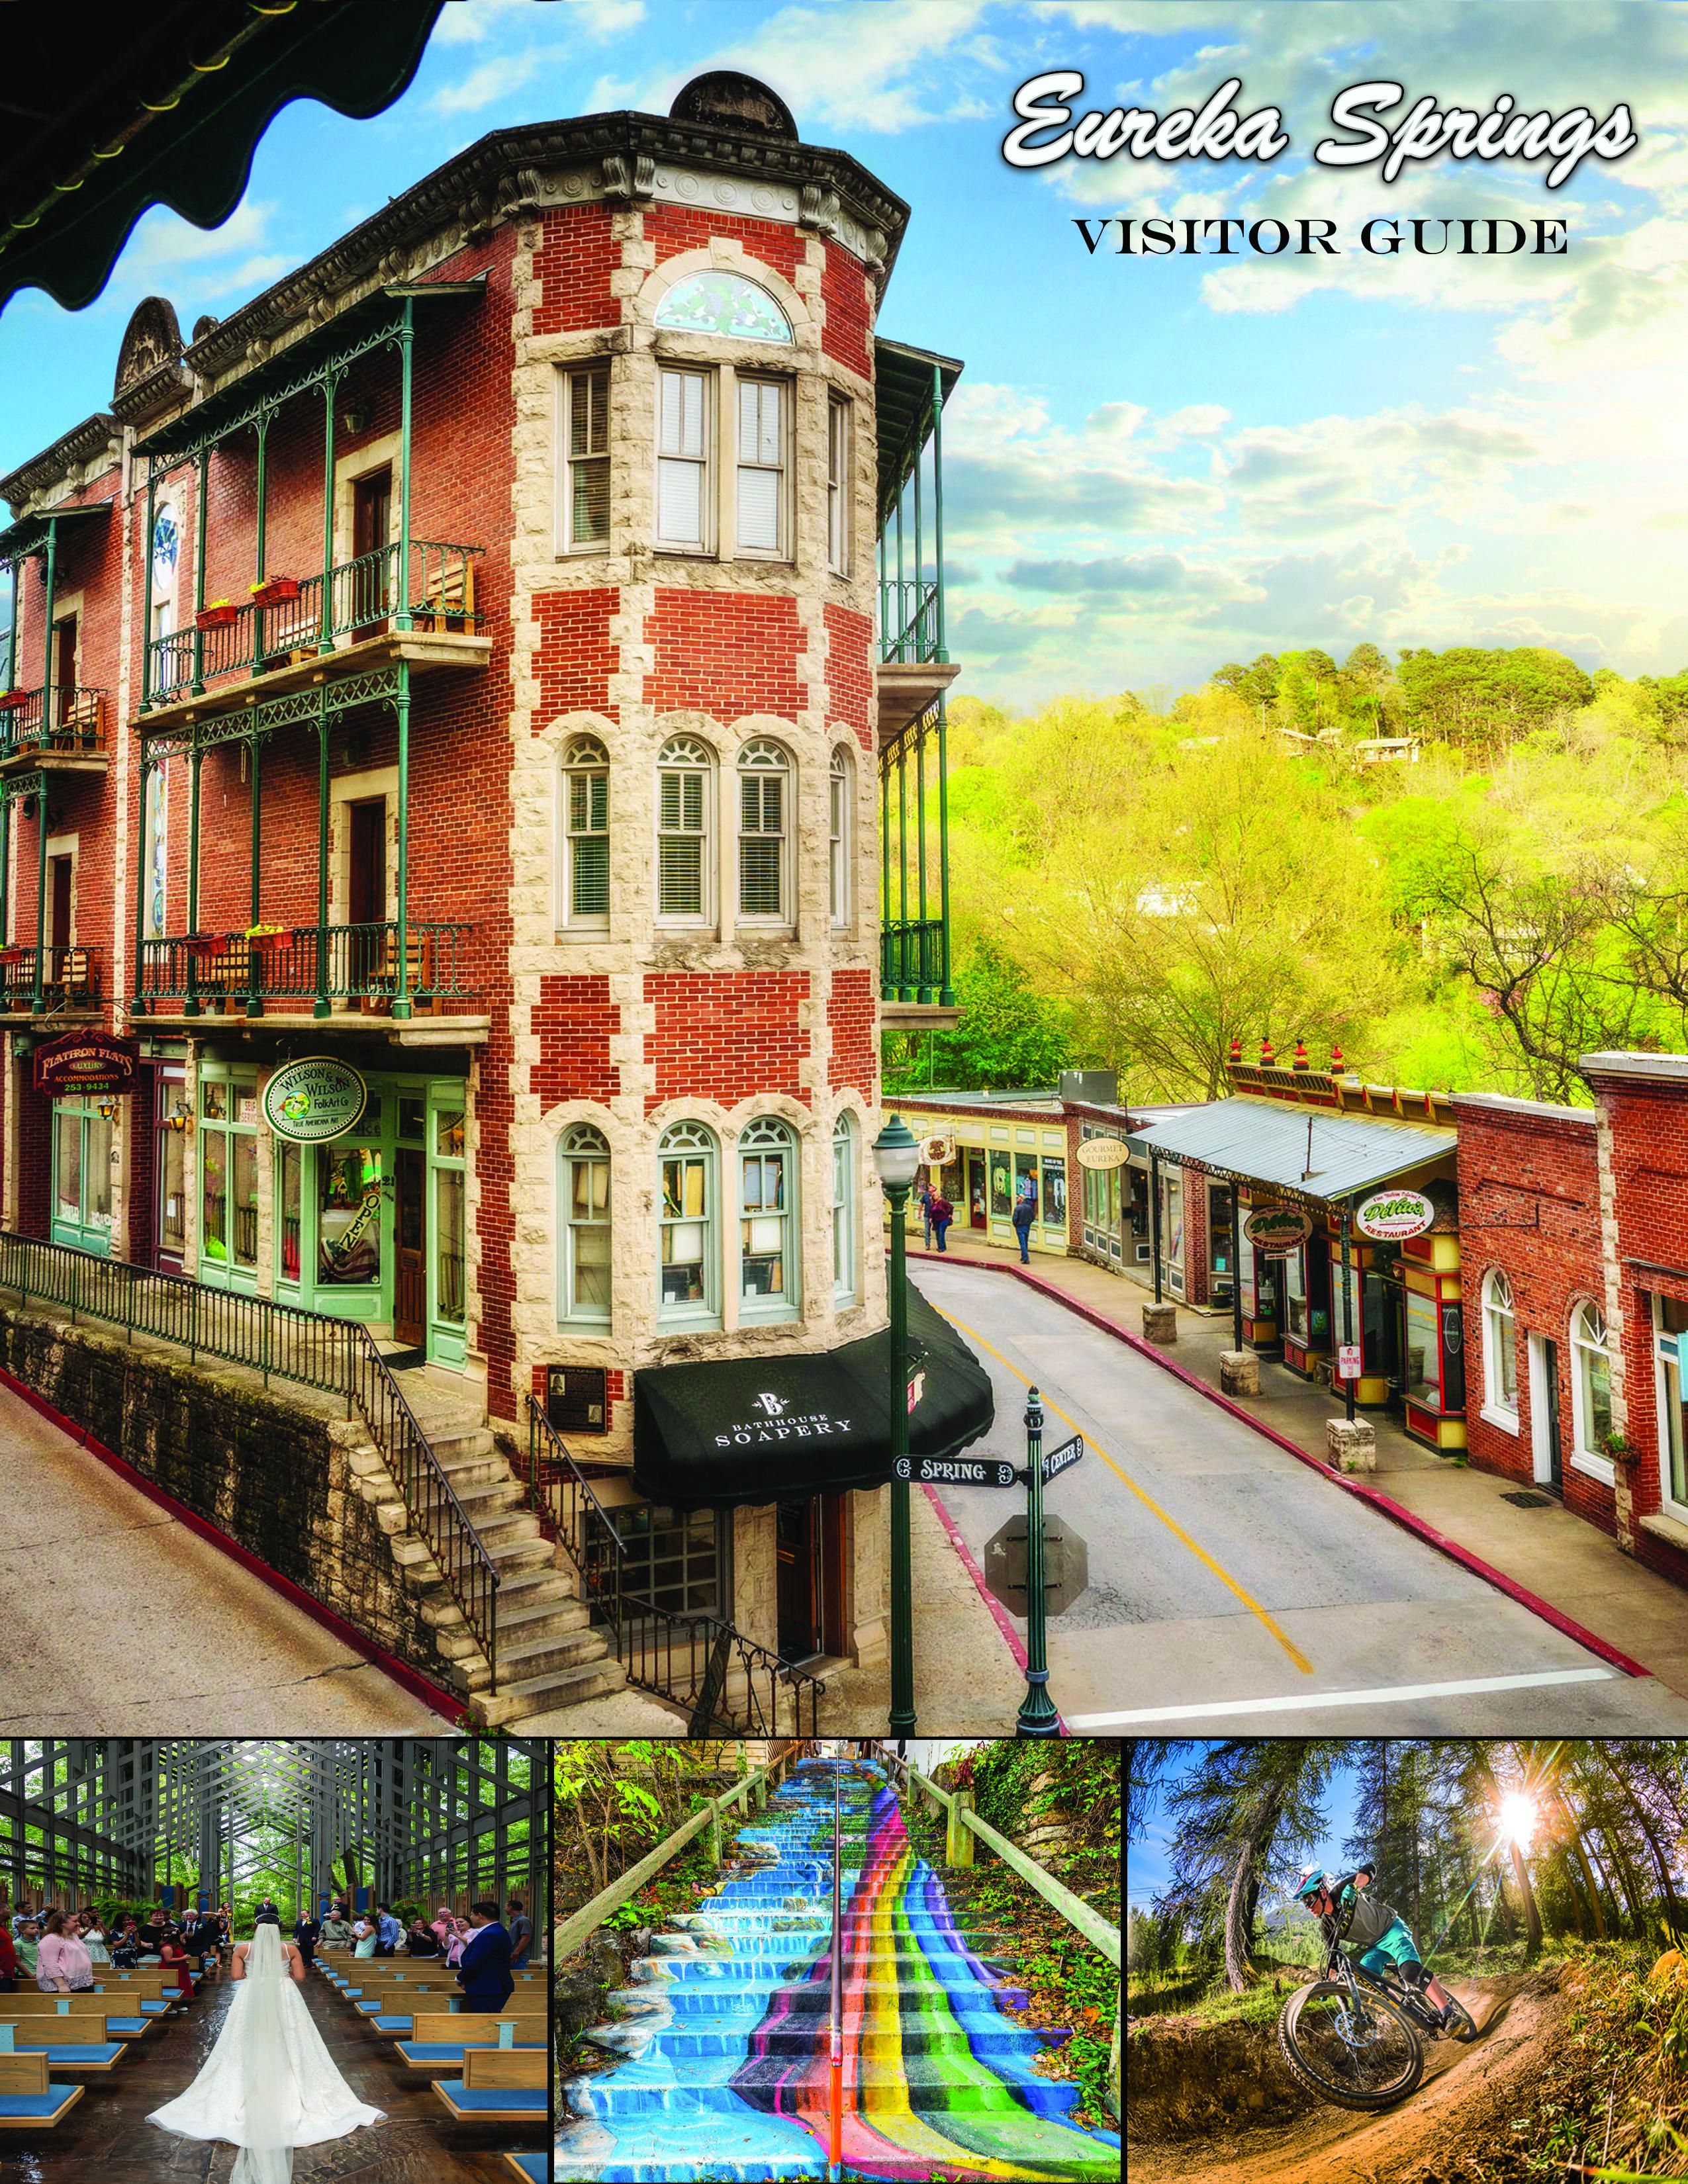 2020 Eureka Springs Visitor Guide